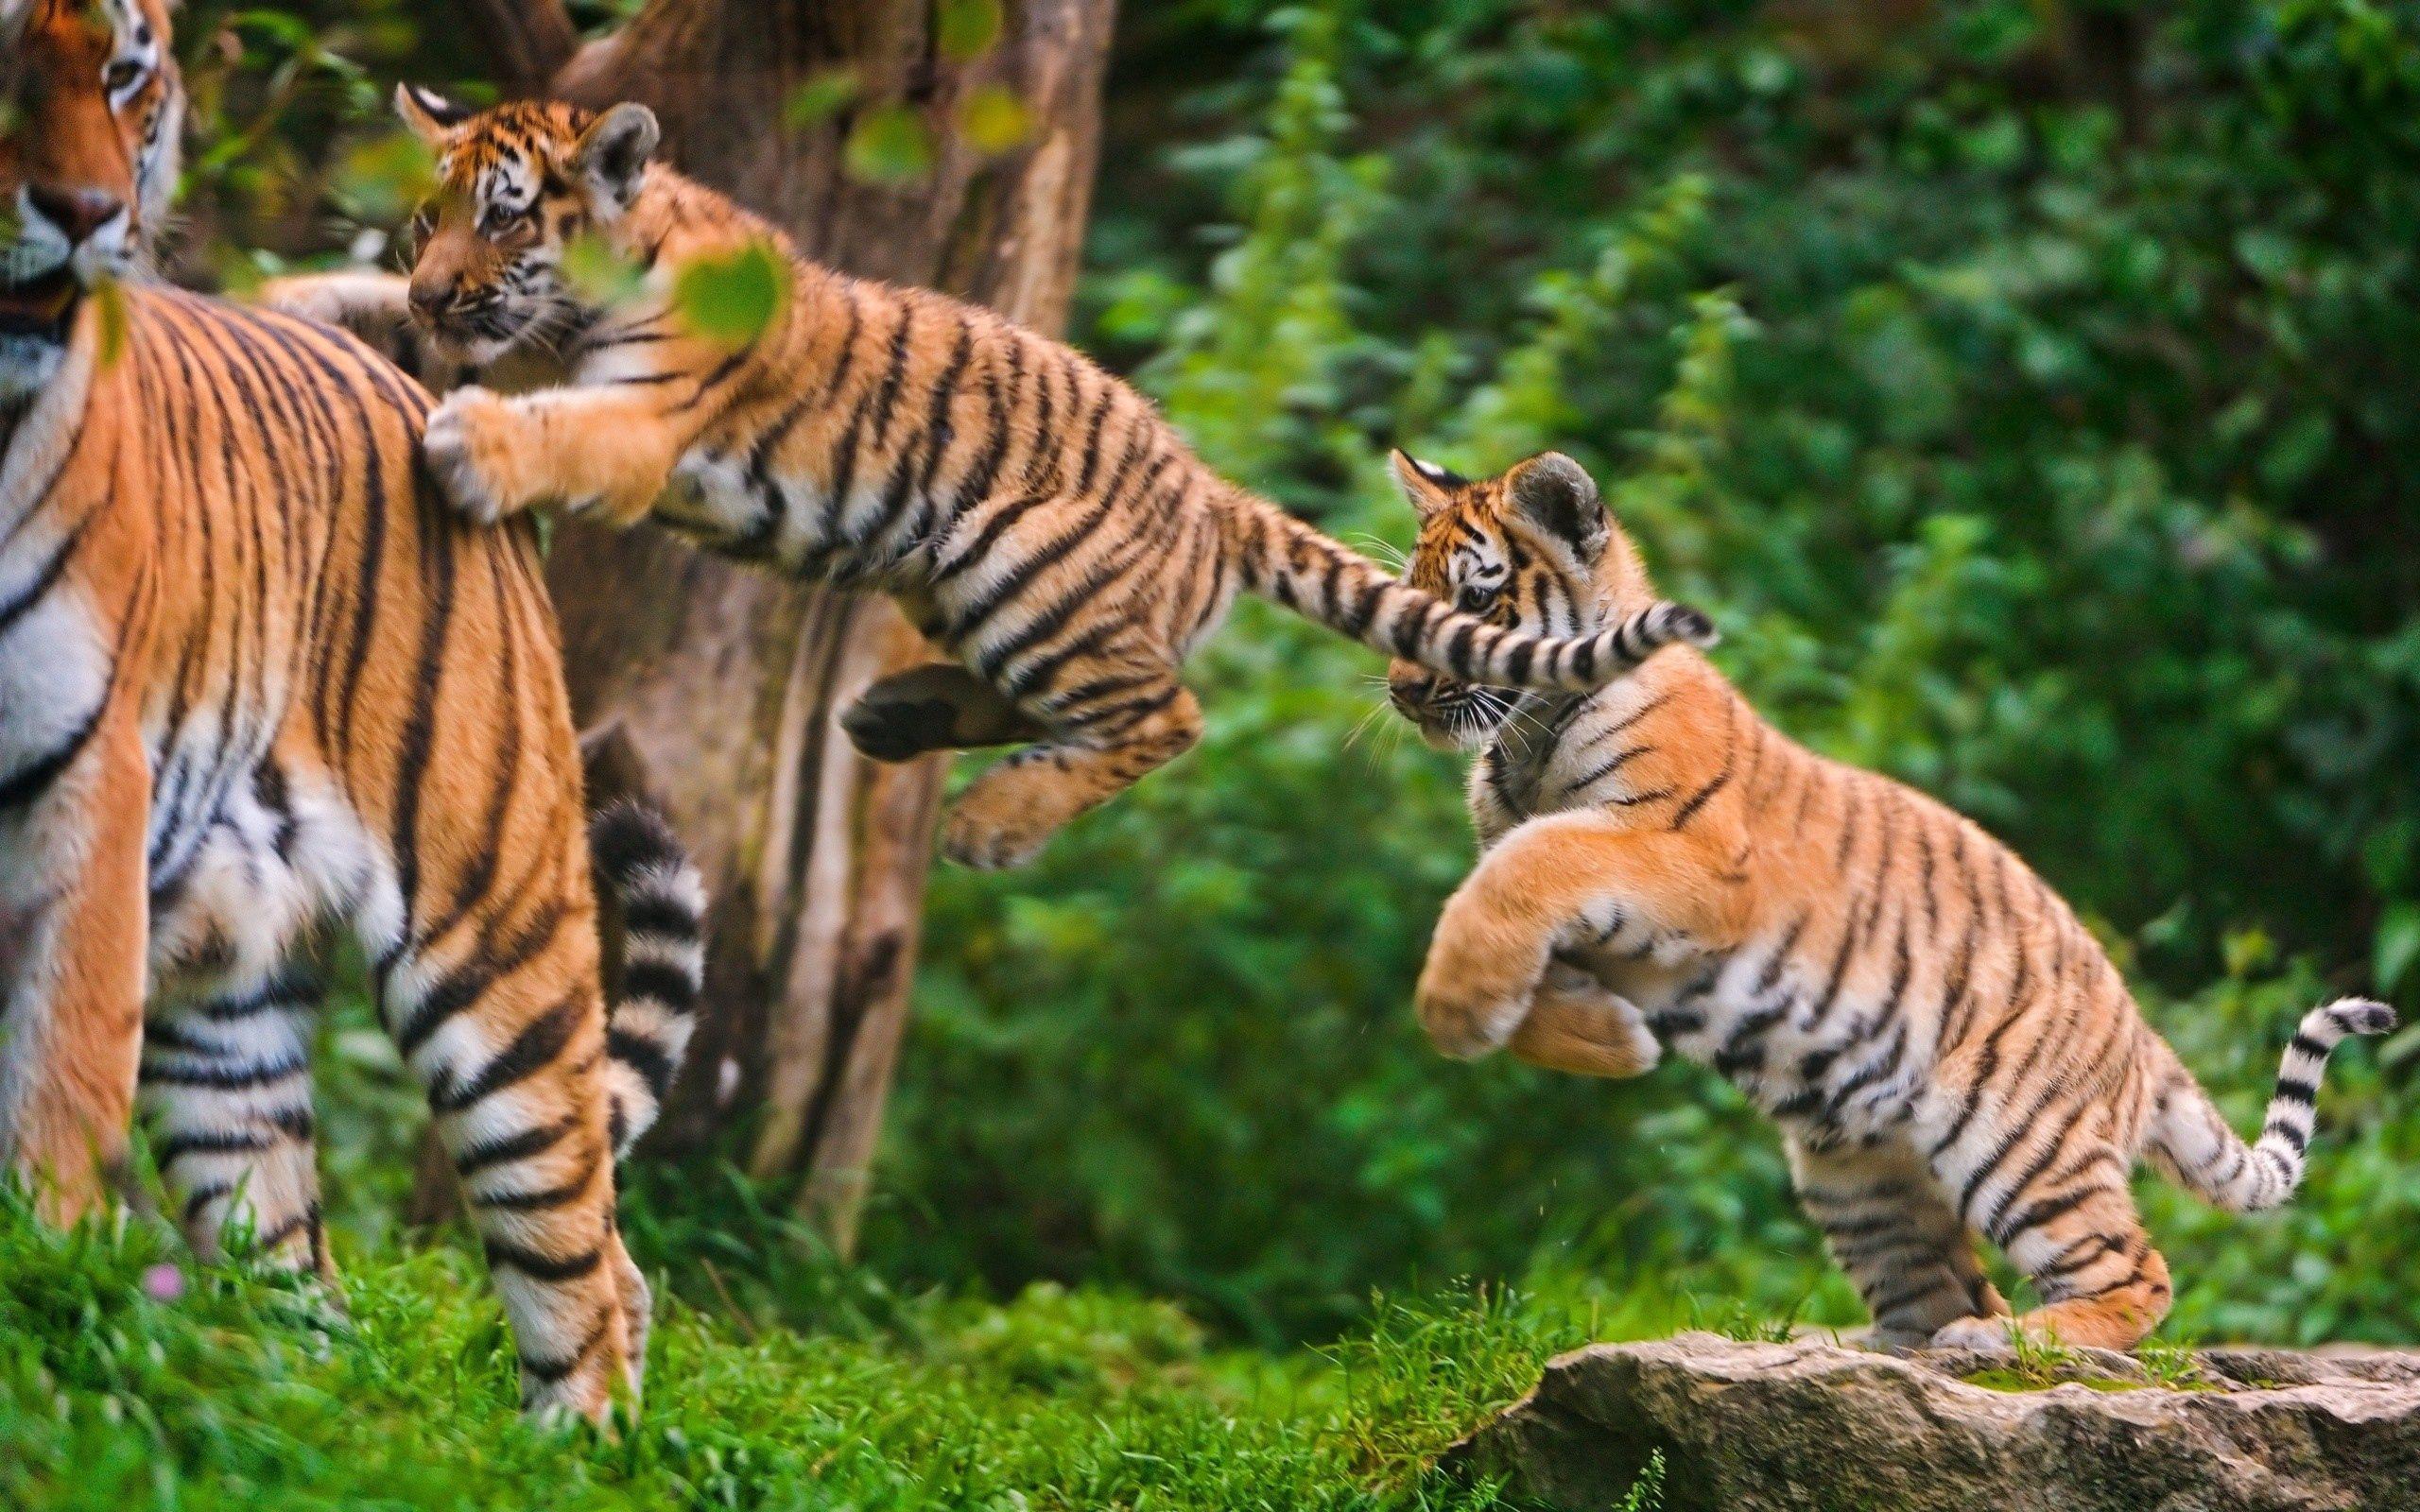 137469壁紙のダウンロード動物, カブス, 若い, 草, 跳ねる、弾む, 跳ねる, 阪神タイガース-スクリーンセーバーと写真を無料で